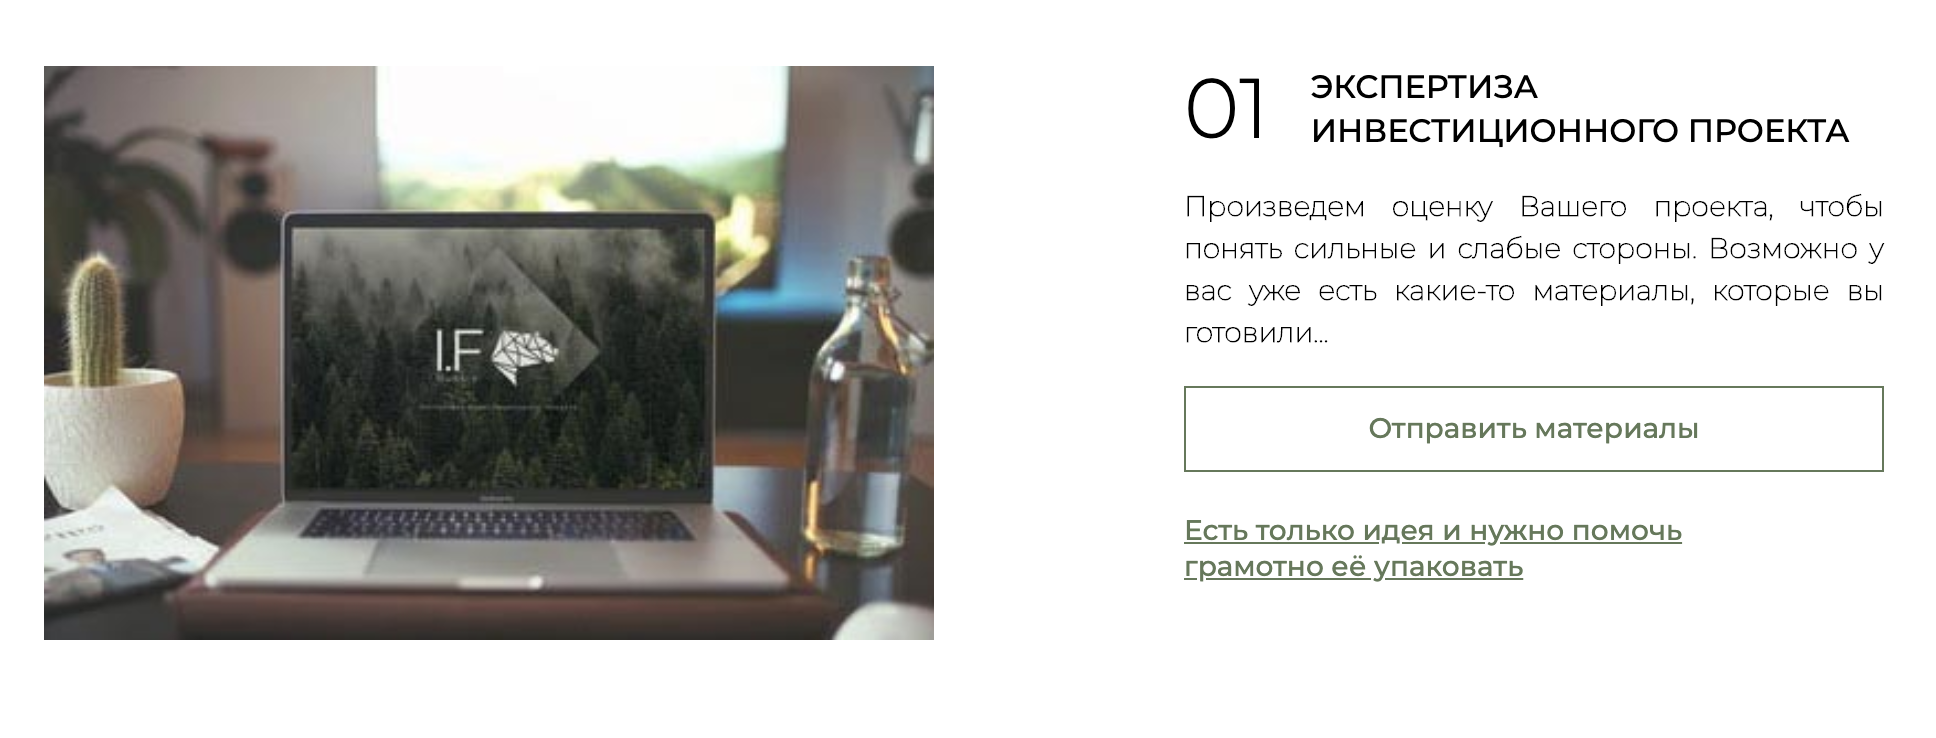 I. F. Russia пишет, что поможет с упаковкой проекта, даже если это только идея